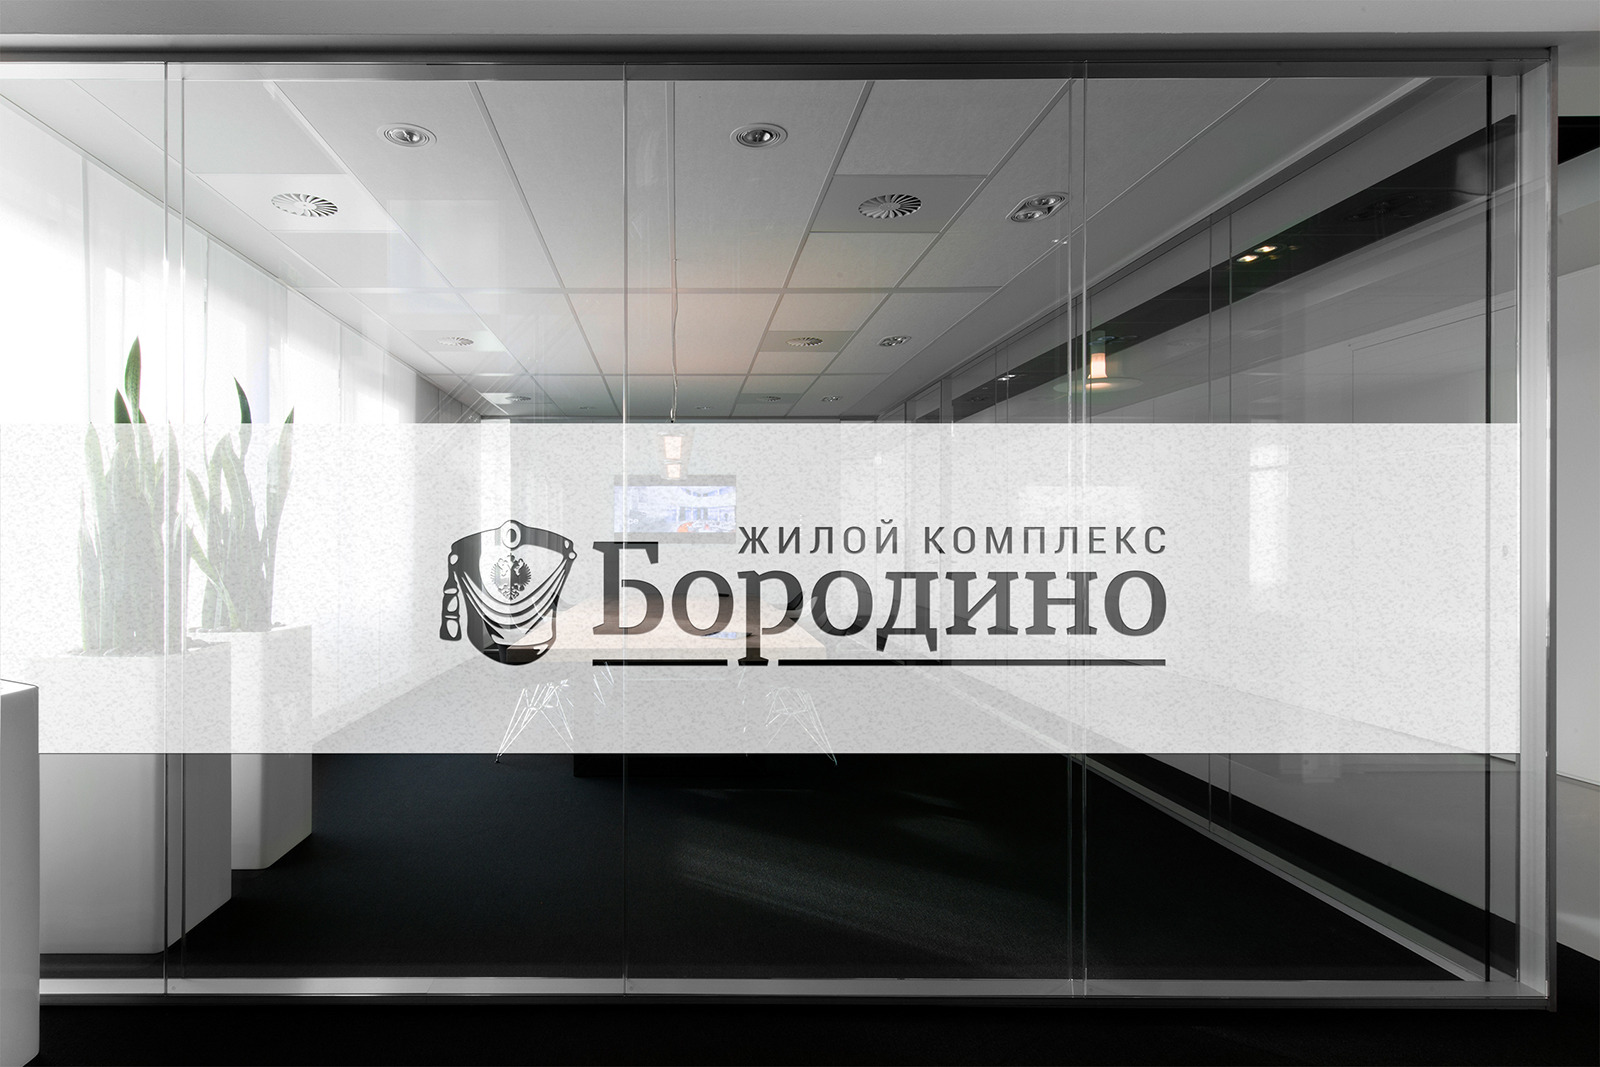 Студия Ракета завершила редизайн логотипа ЖК Бородино